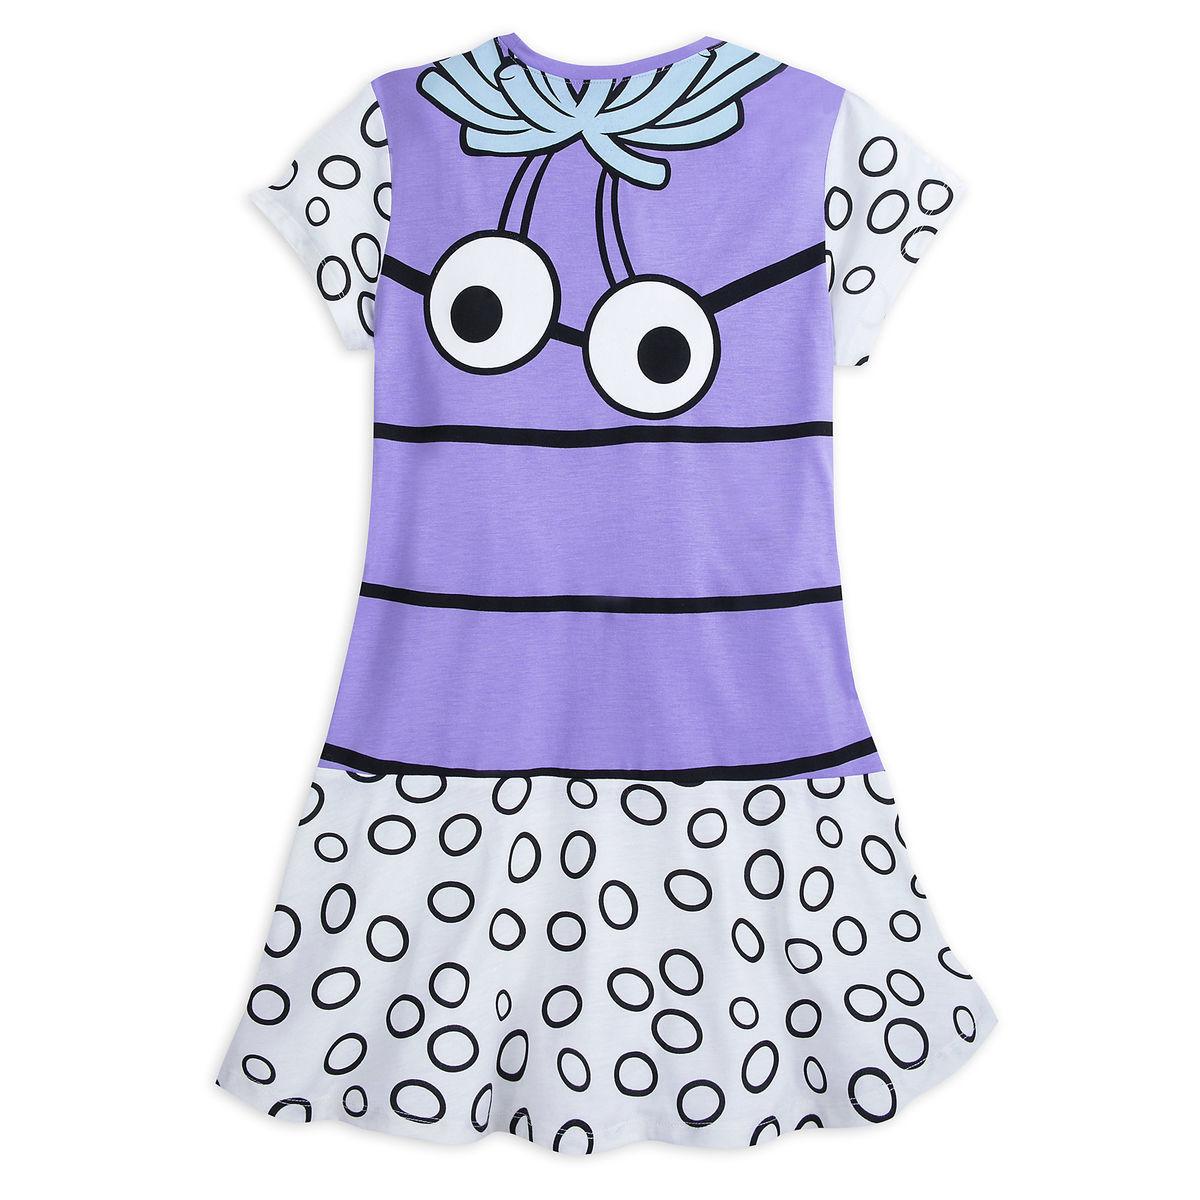 boo costume tunic t-shirt for women | shopdisney